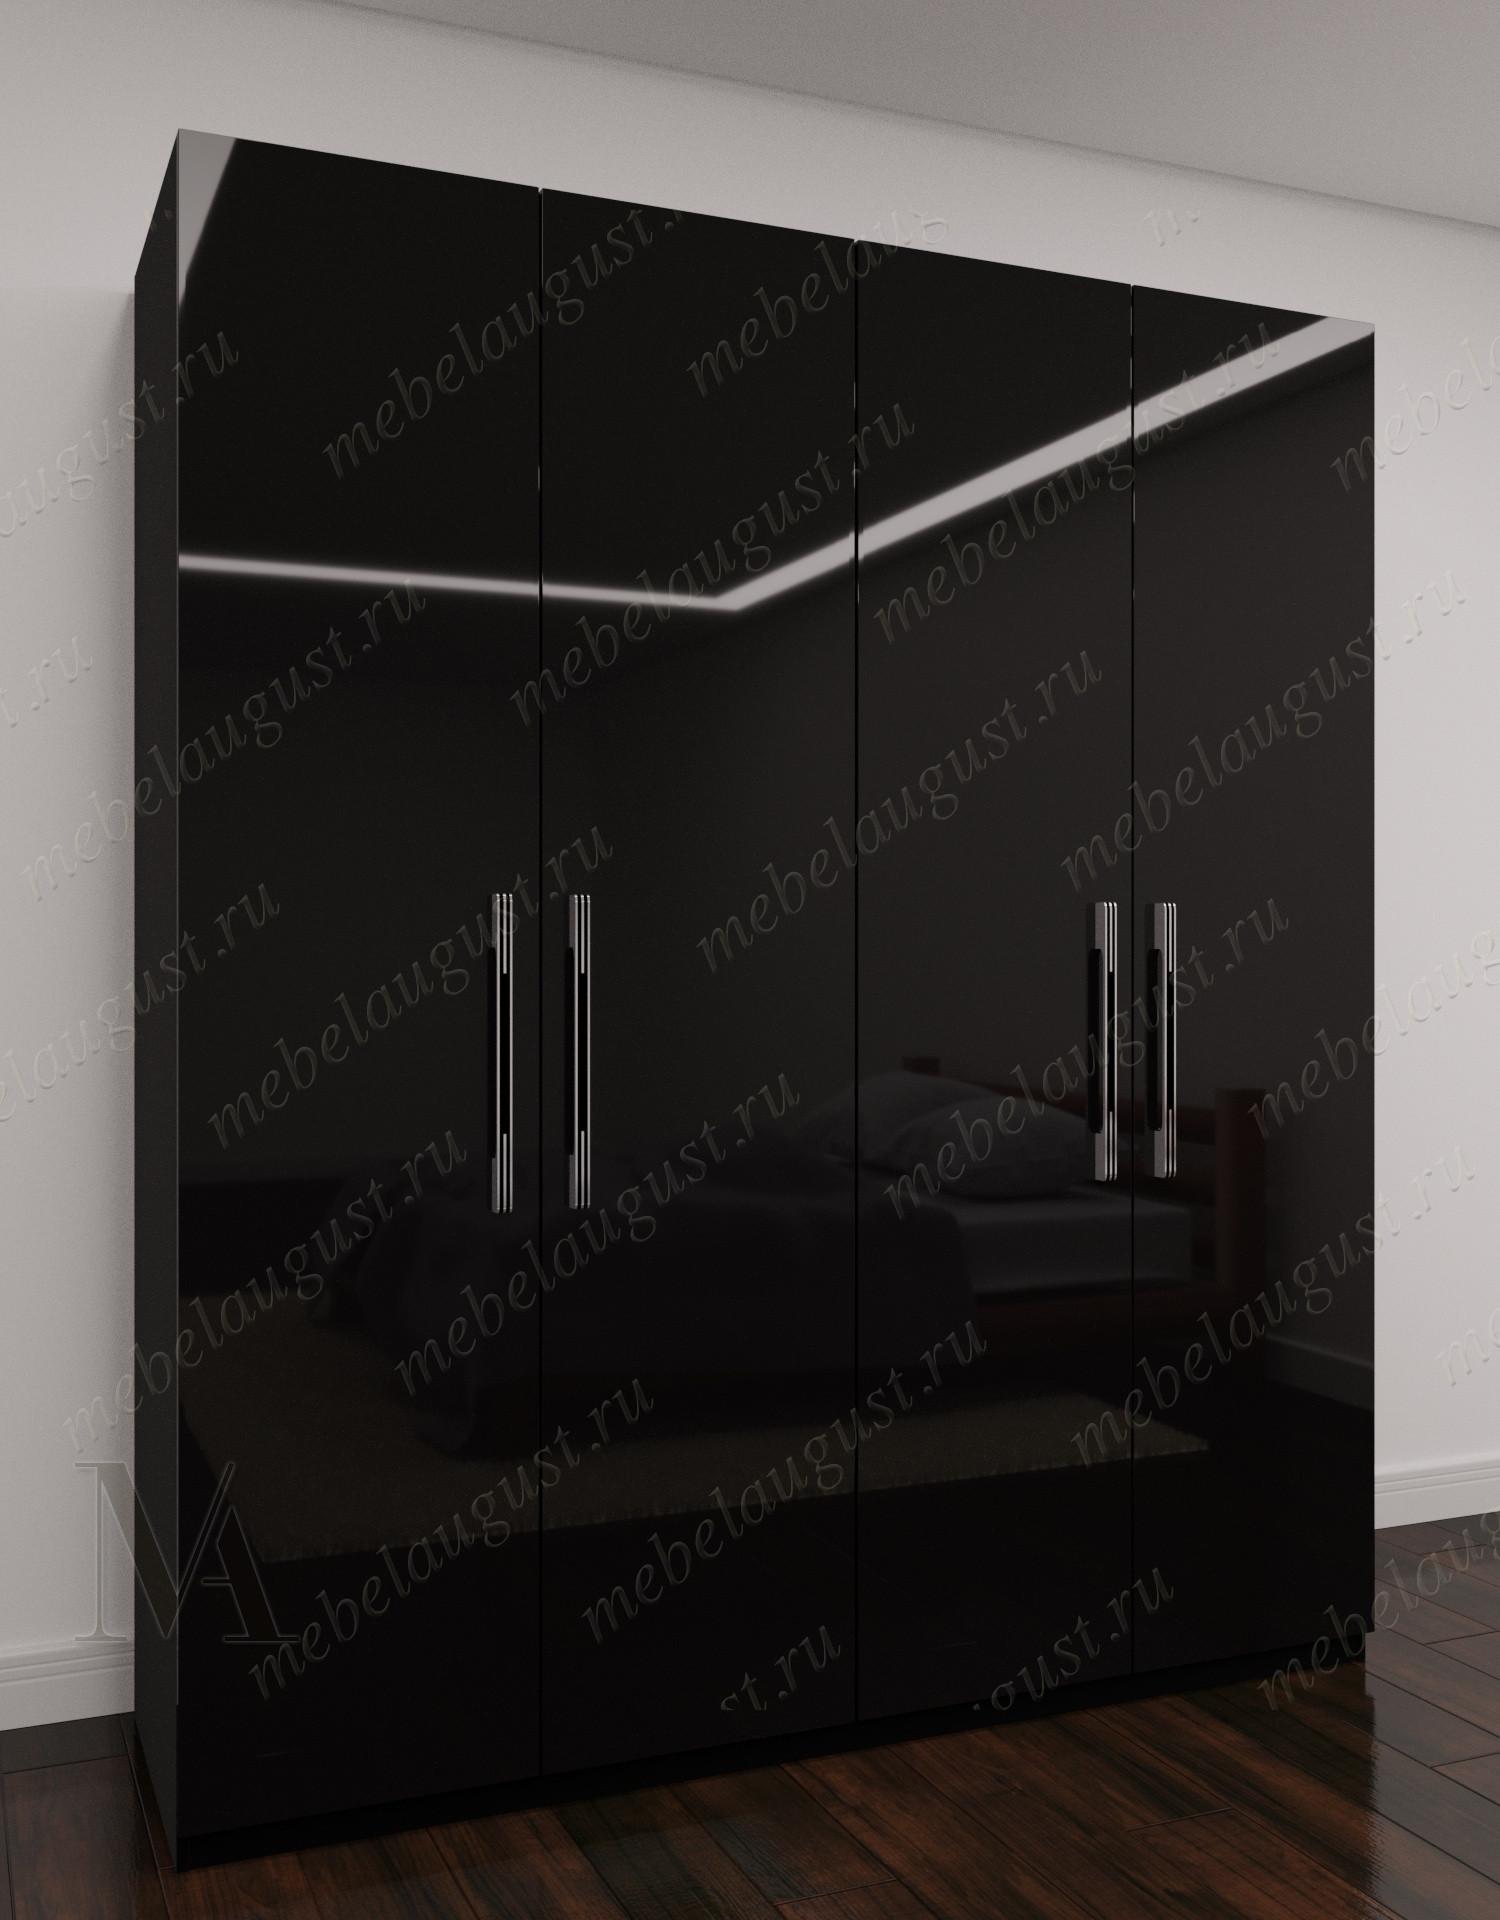 Черный глянцевый четырехдверный распашной шкаф для одежды для спальни